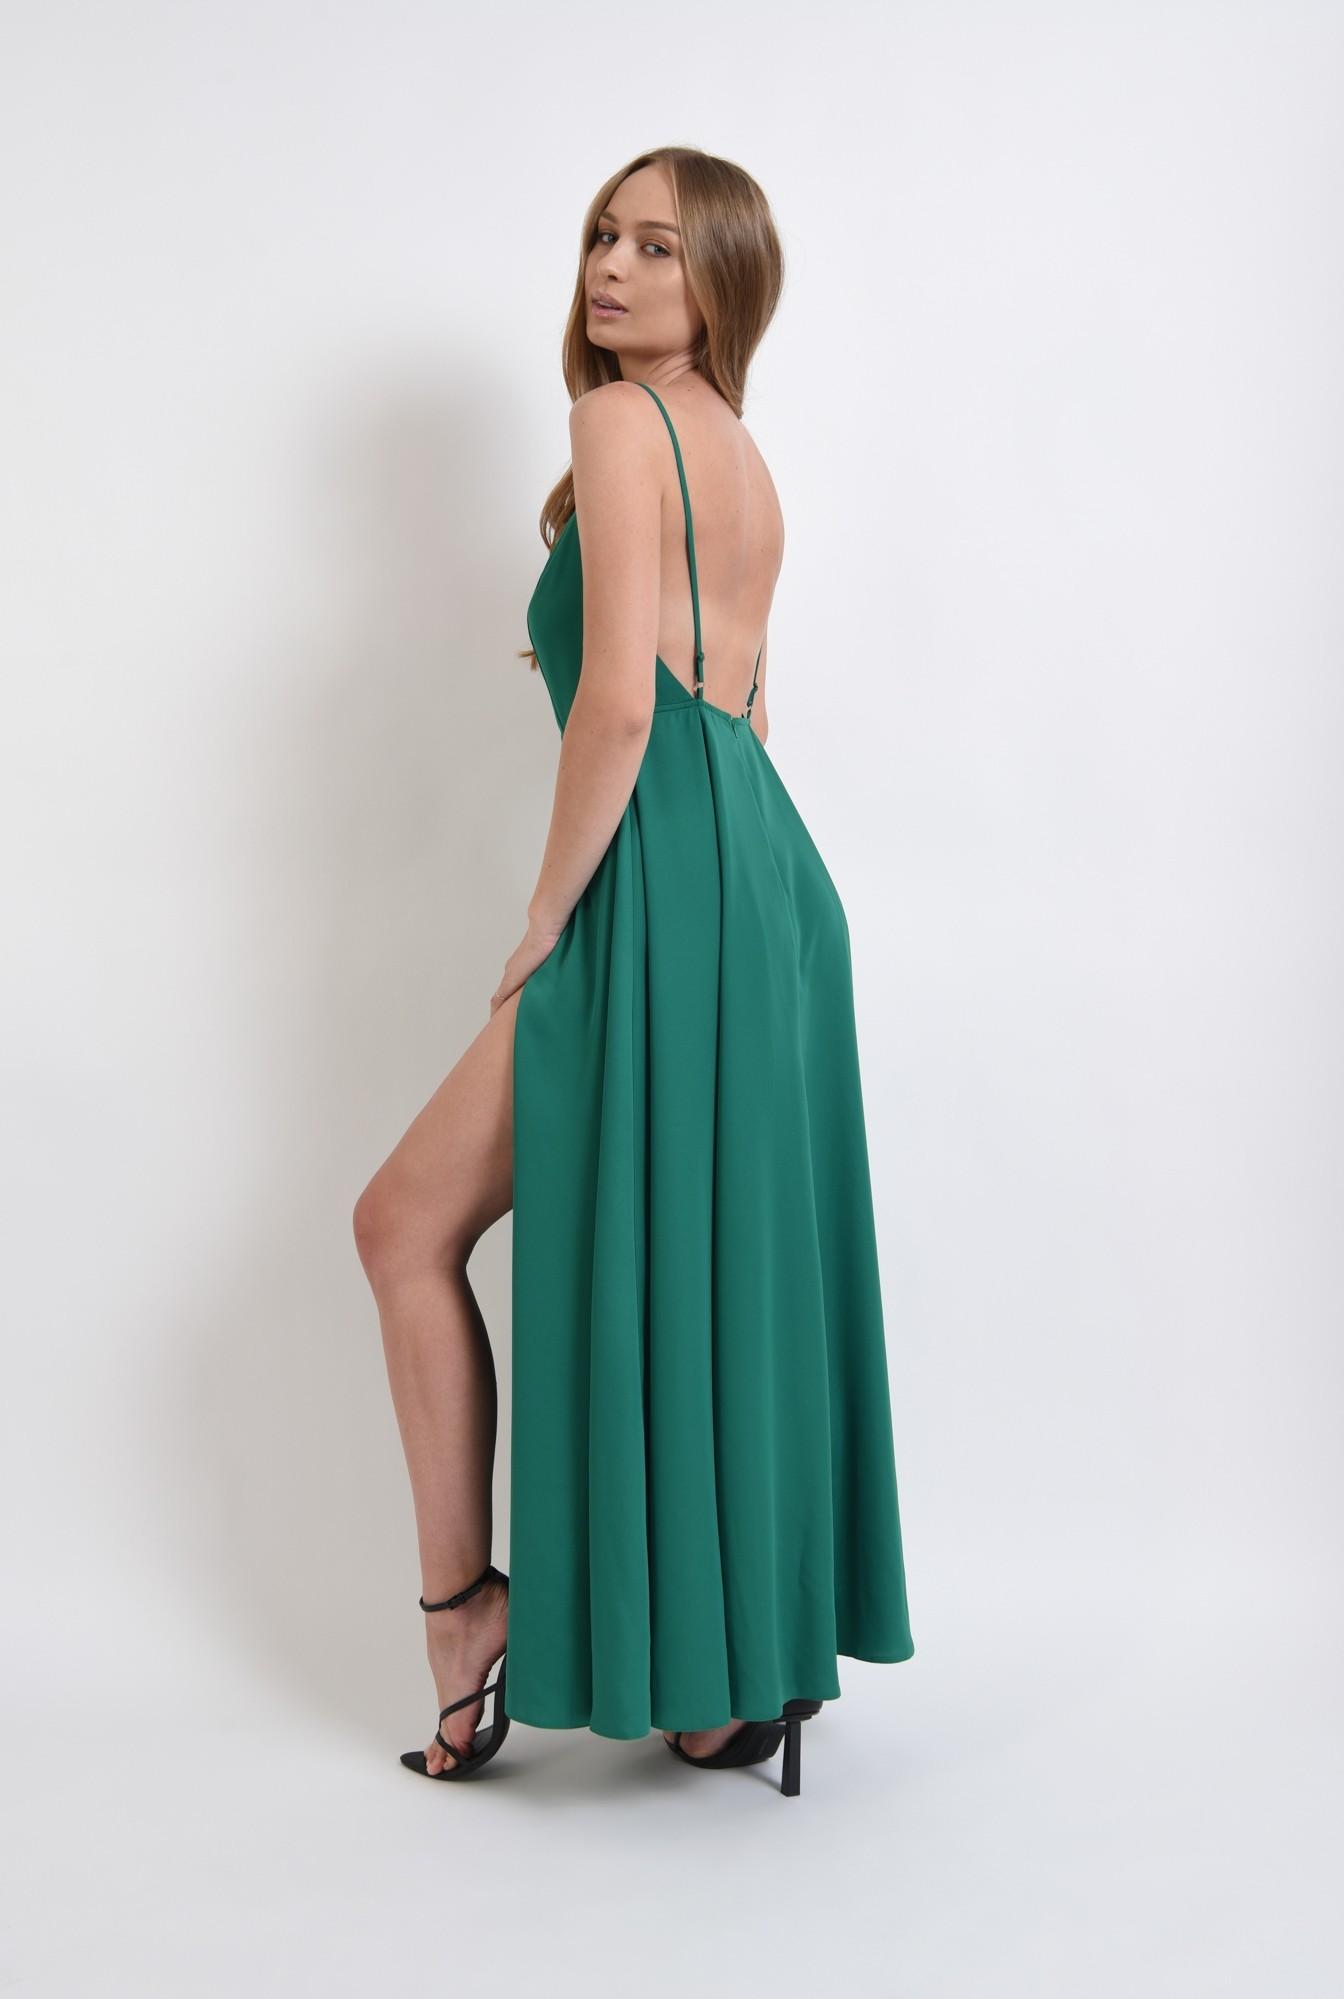 0 - rochie verde, cu spatele decoltat, Poema